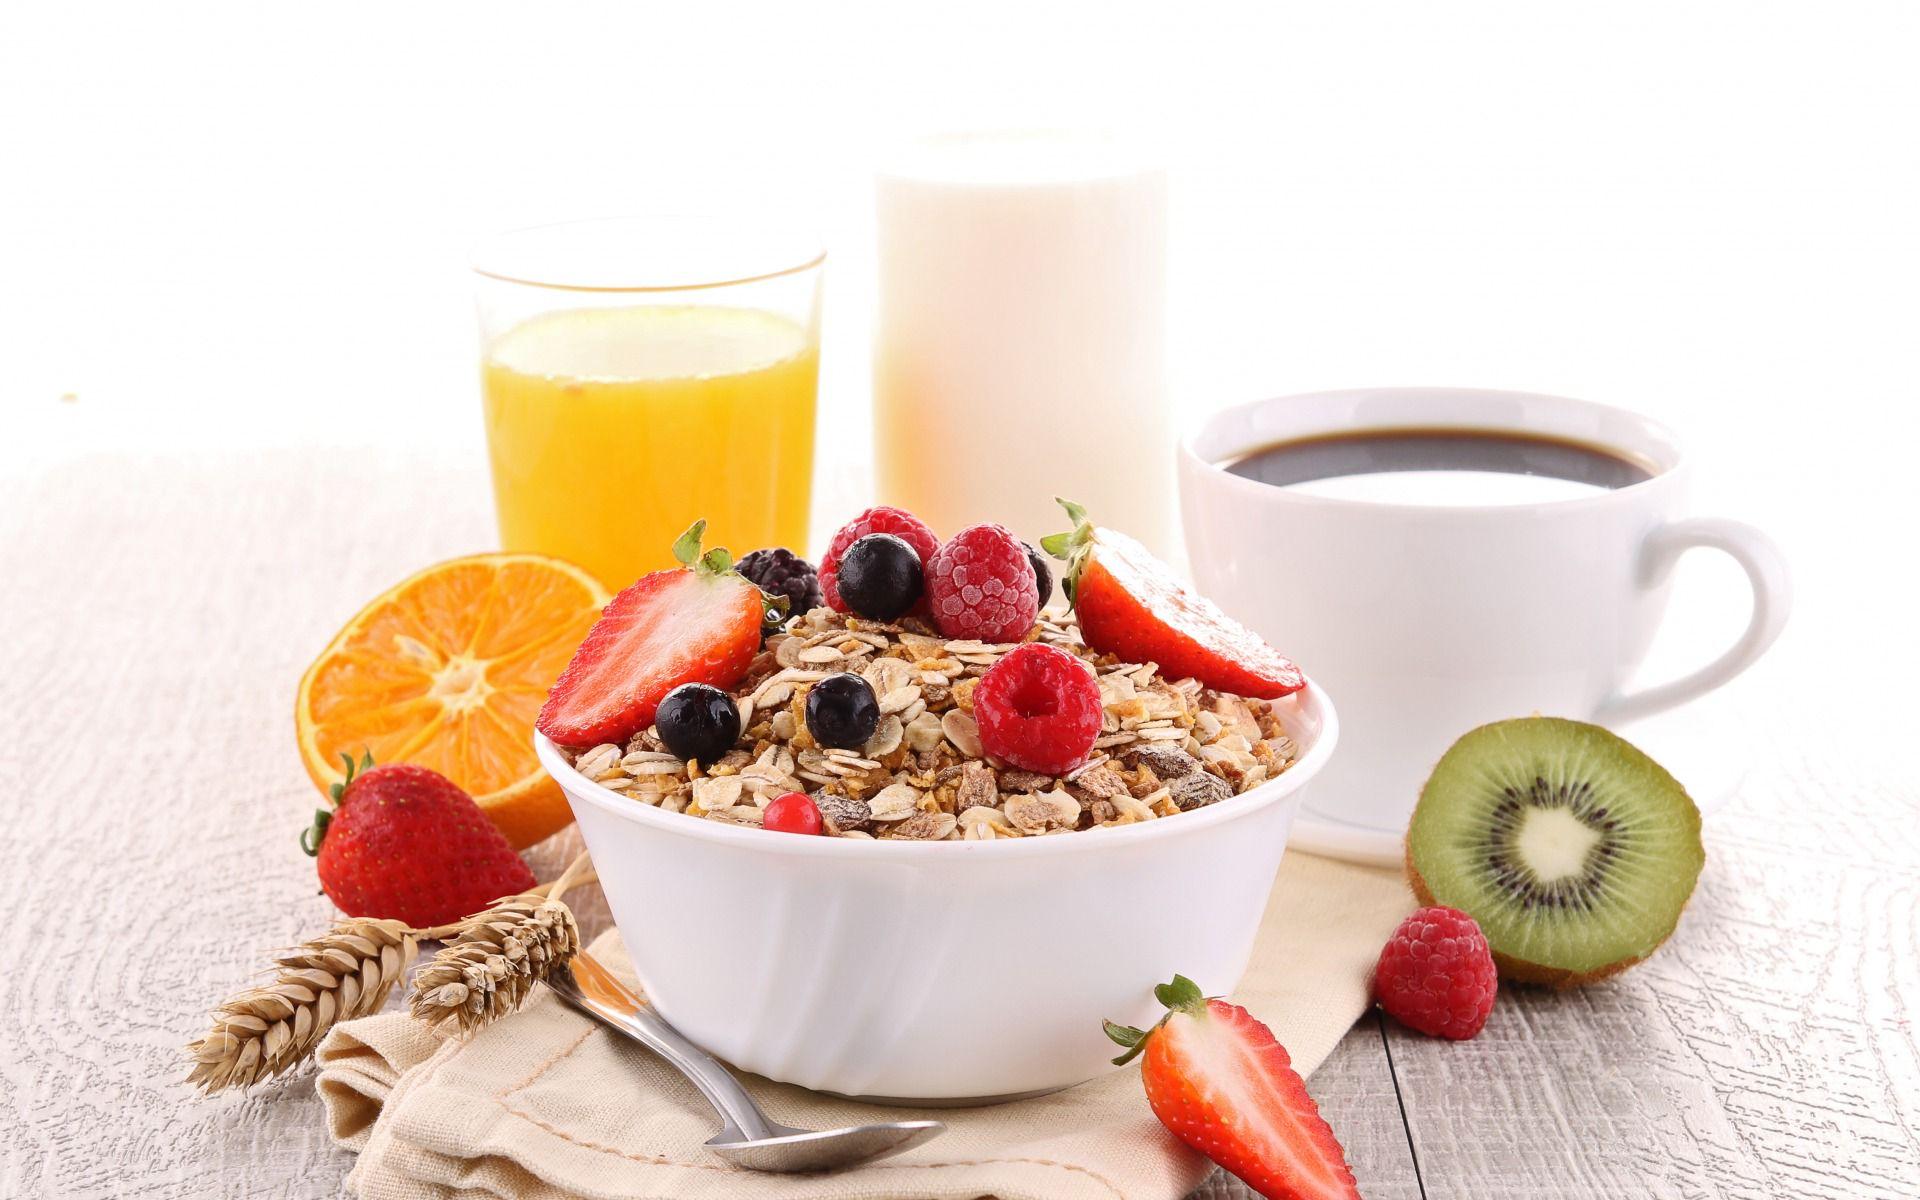 Программы здорового питания и тренировок для снижения веса от школы Vitality-life со скидкой до 93% фото 1